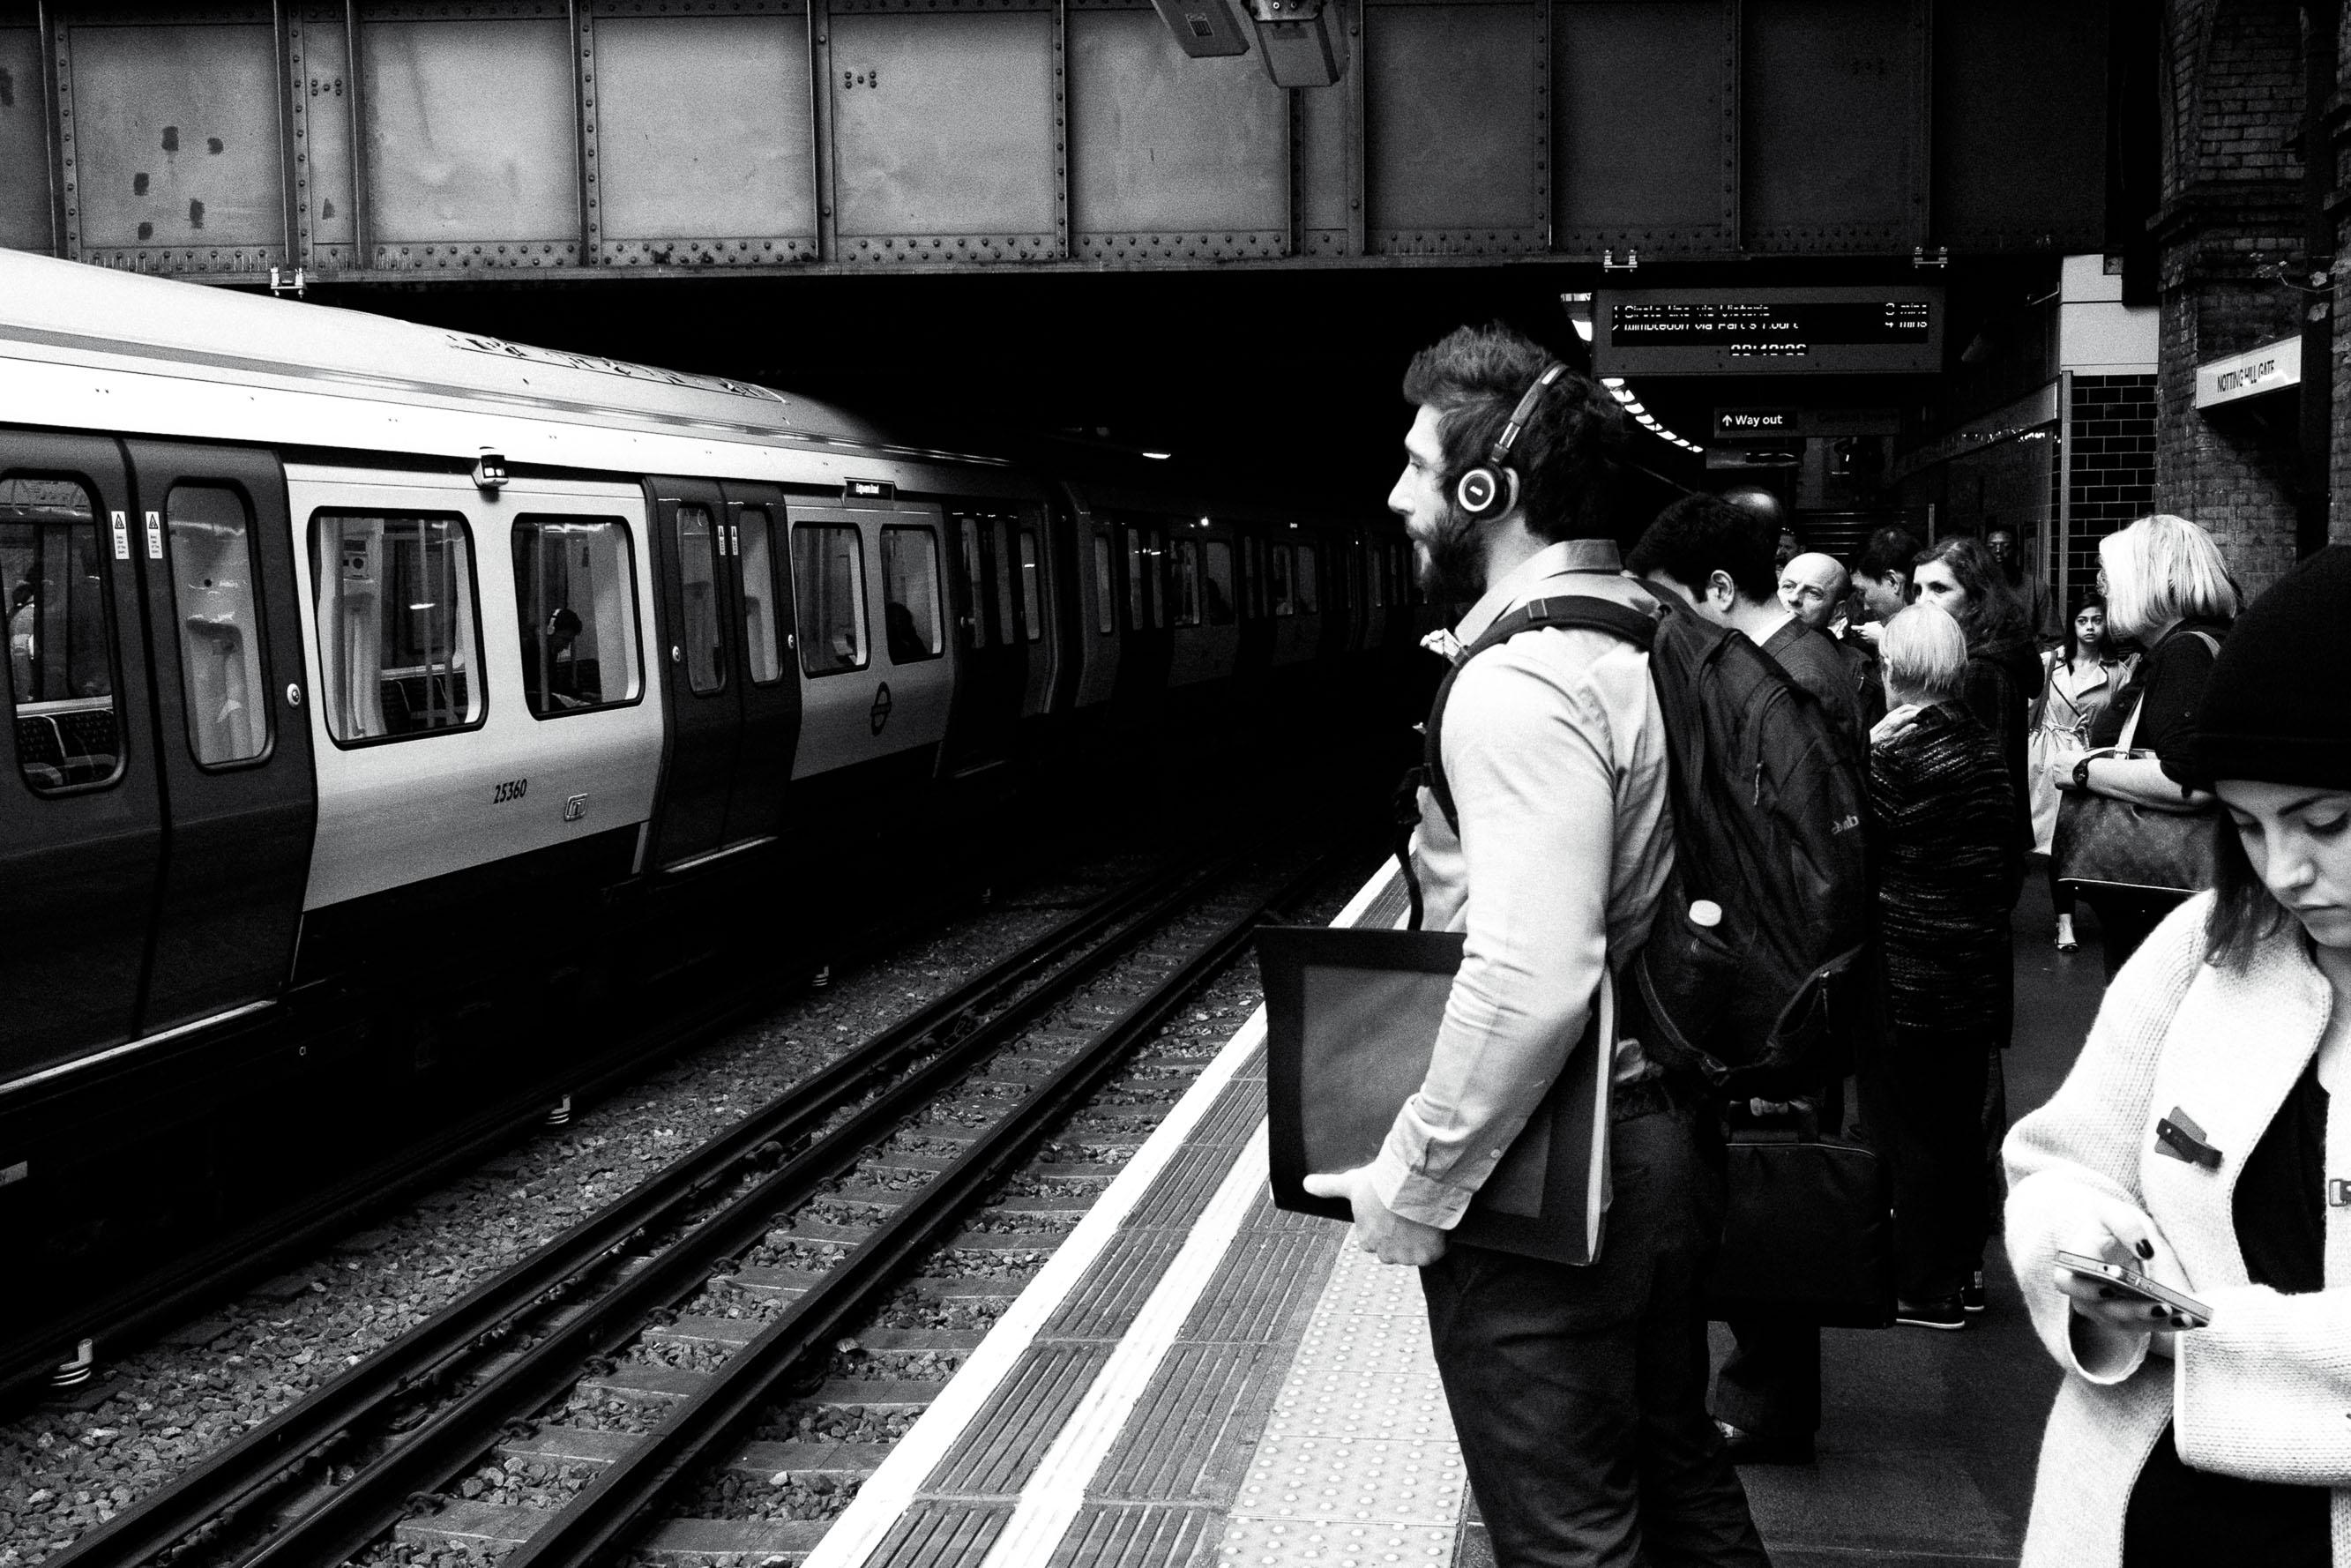 Sven-Michael---S-2014--1-[waiting-for-the-train]---©-Sven-Michael-Golimowski.jpg